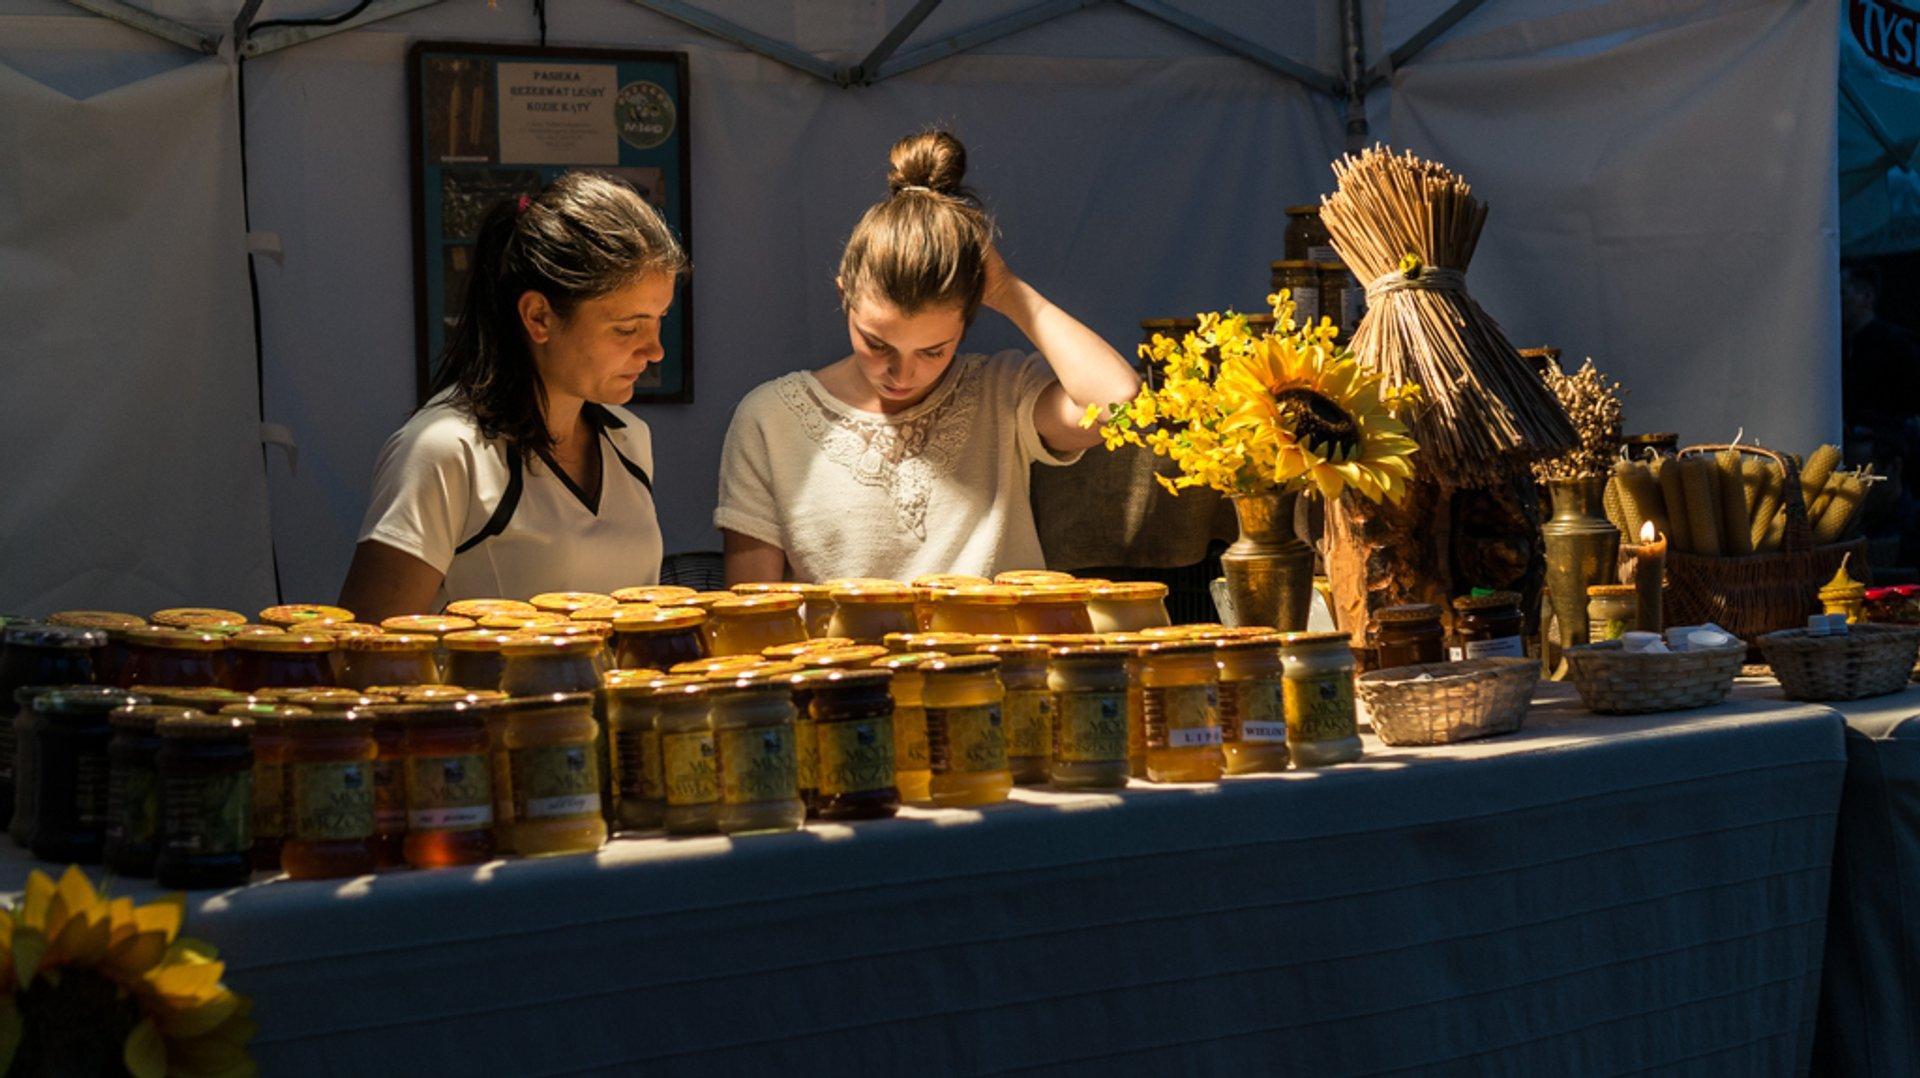 Krakow Honey Harvest & Bee-Keepers Festival in Krakow 2020 - Best Time